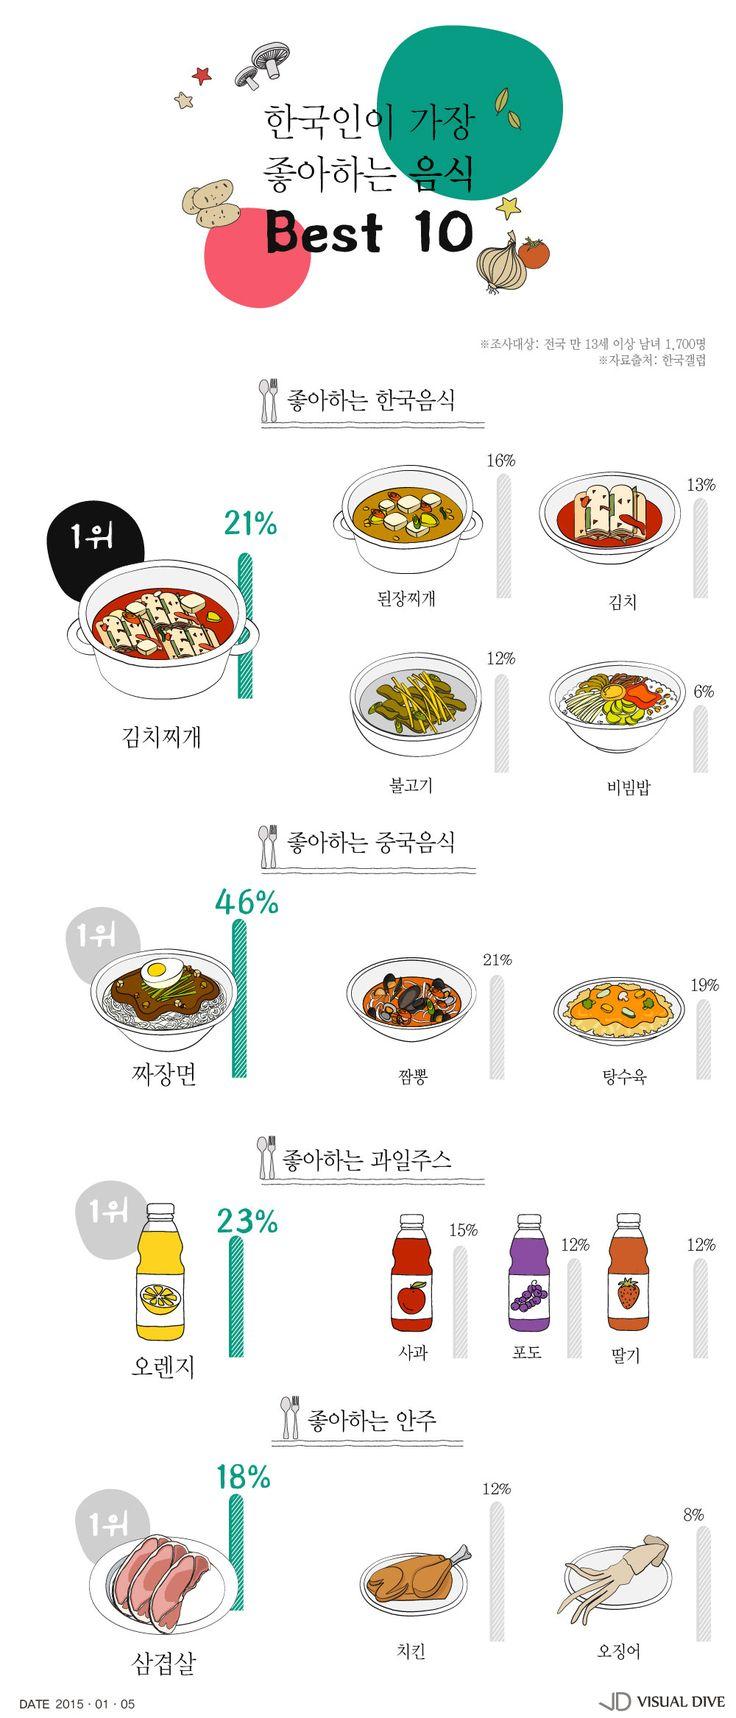 '한국인의 한국음식' 1위 김치찌개…연령대별 입맛 달라 [인포그래픽] #Korean Food / #Infographic ⓒ 비주얼다이브 무단 복사·전재·재배포 금지